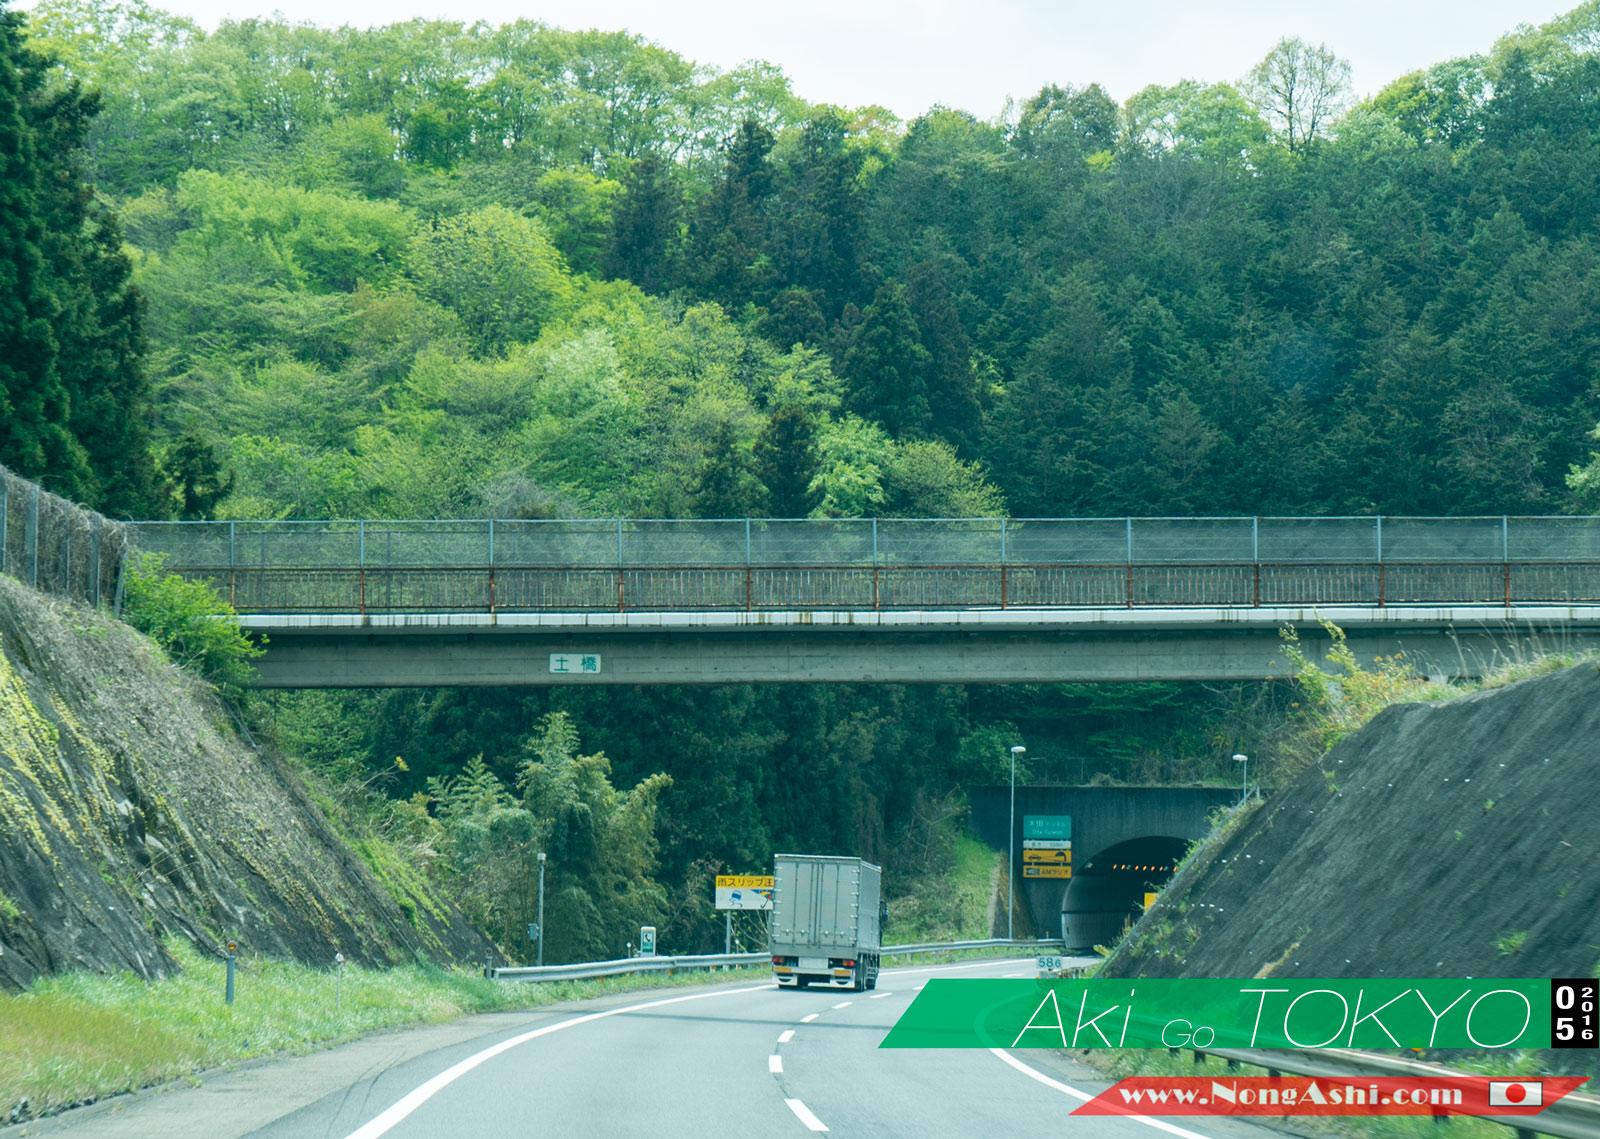 ขับรถเที่ยวญี่ปุ่นจะเจอภูเขาต้นไม้ตลอด 2 ข้างทางเลย